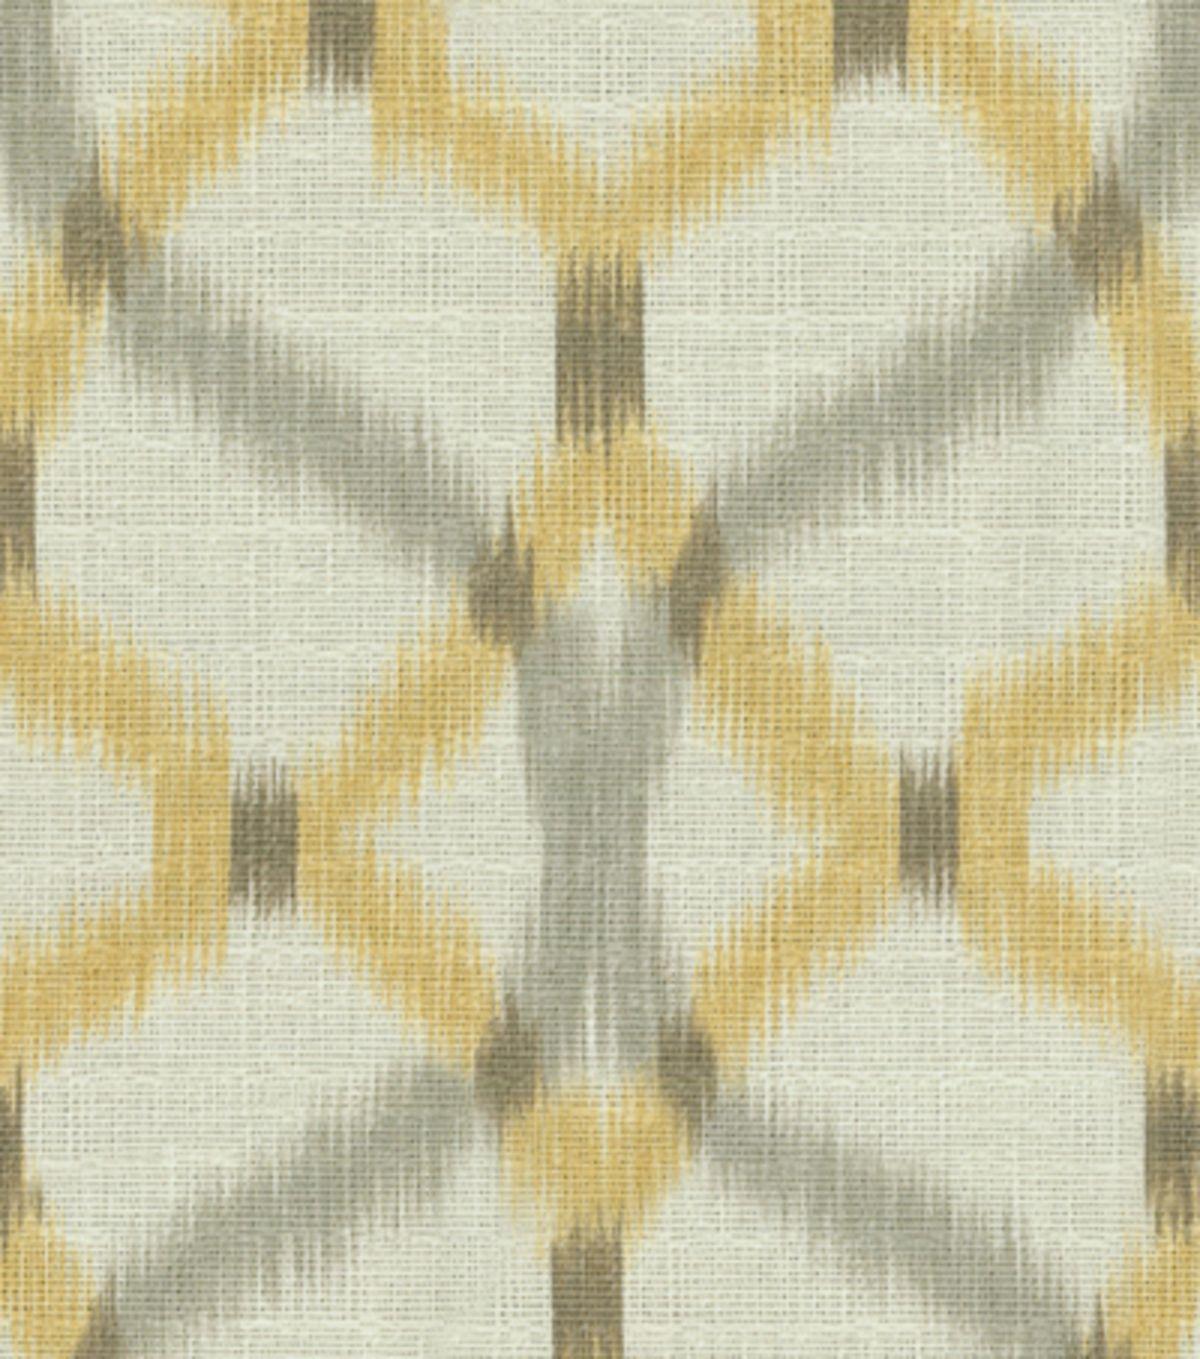 Home Decor Print Fabric Waverly Izmir Ikat/Pumice, , Hi Res Living